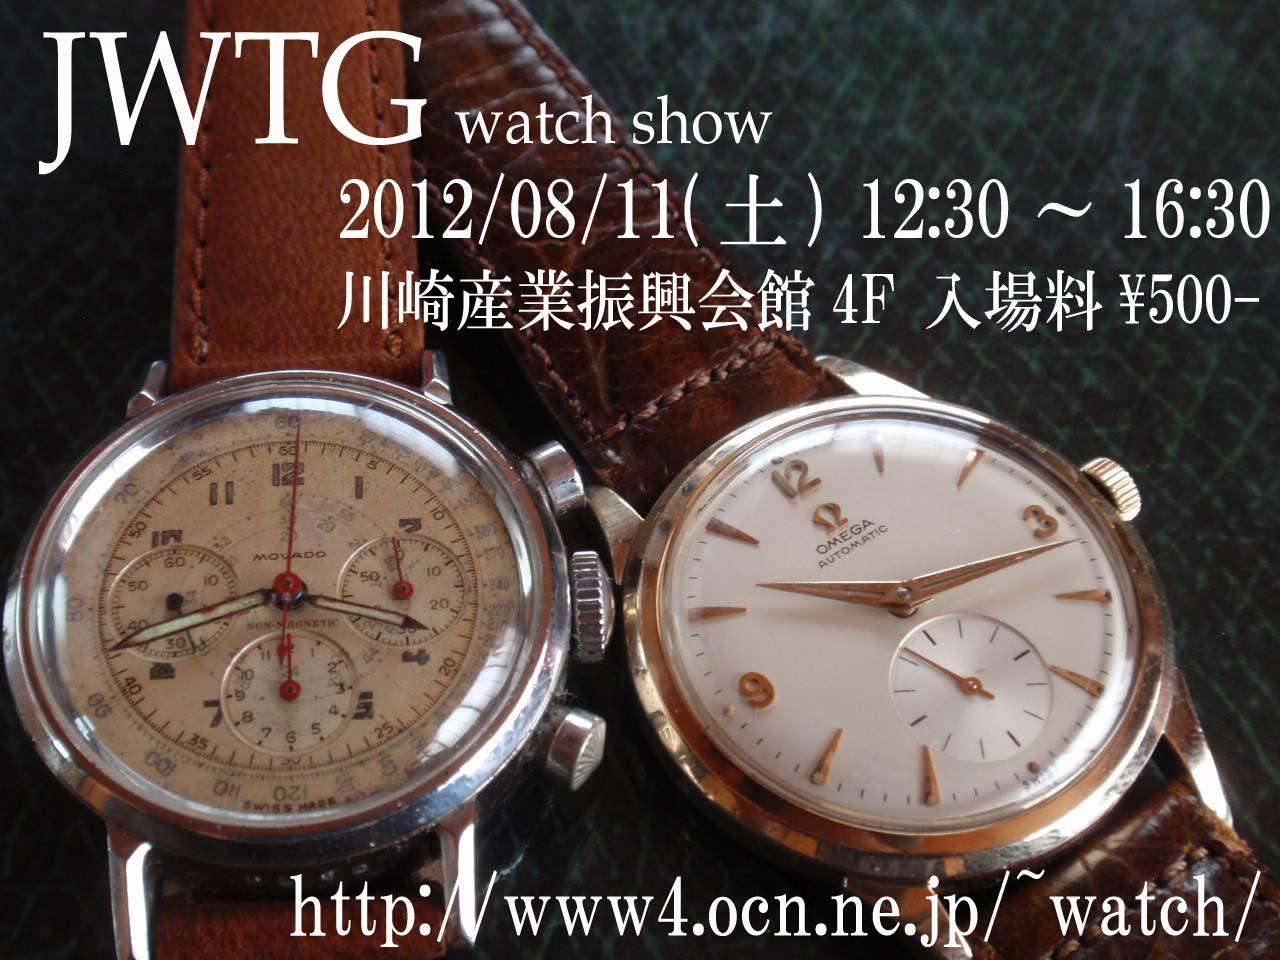 第7回 JWTG watch show 開催 当店も出店します。